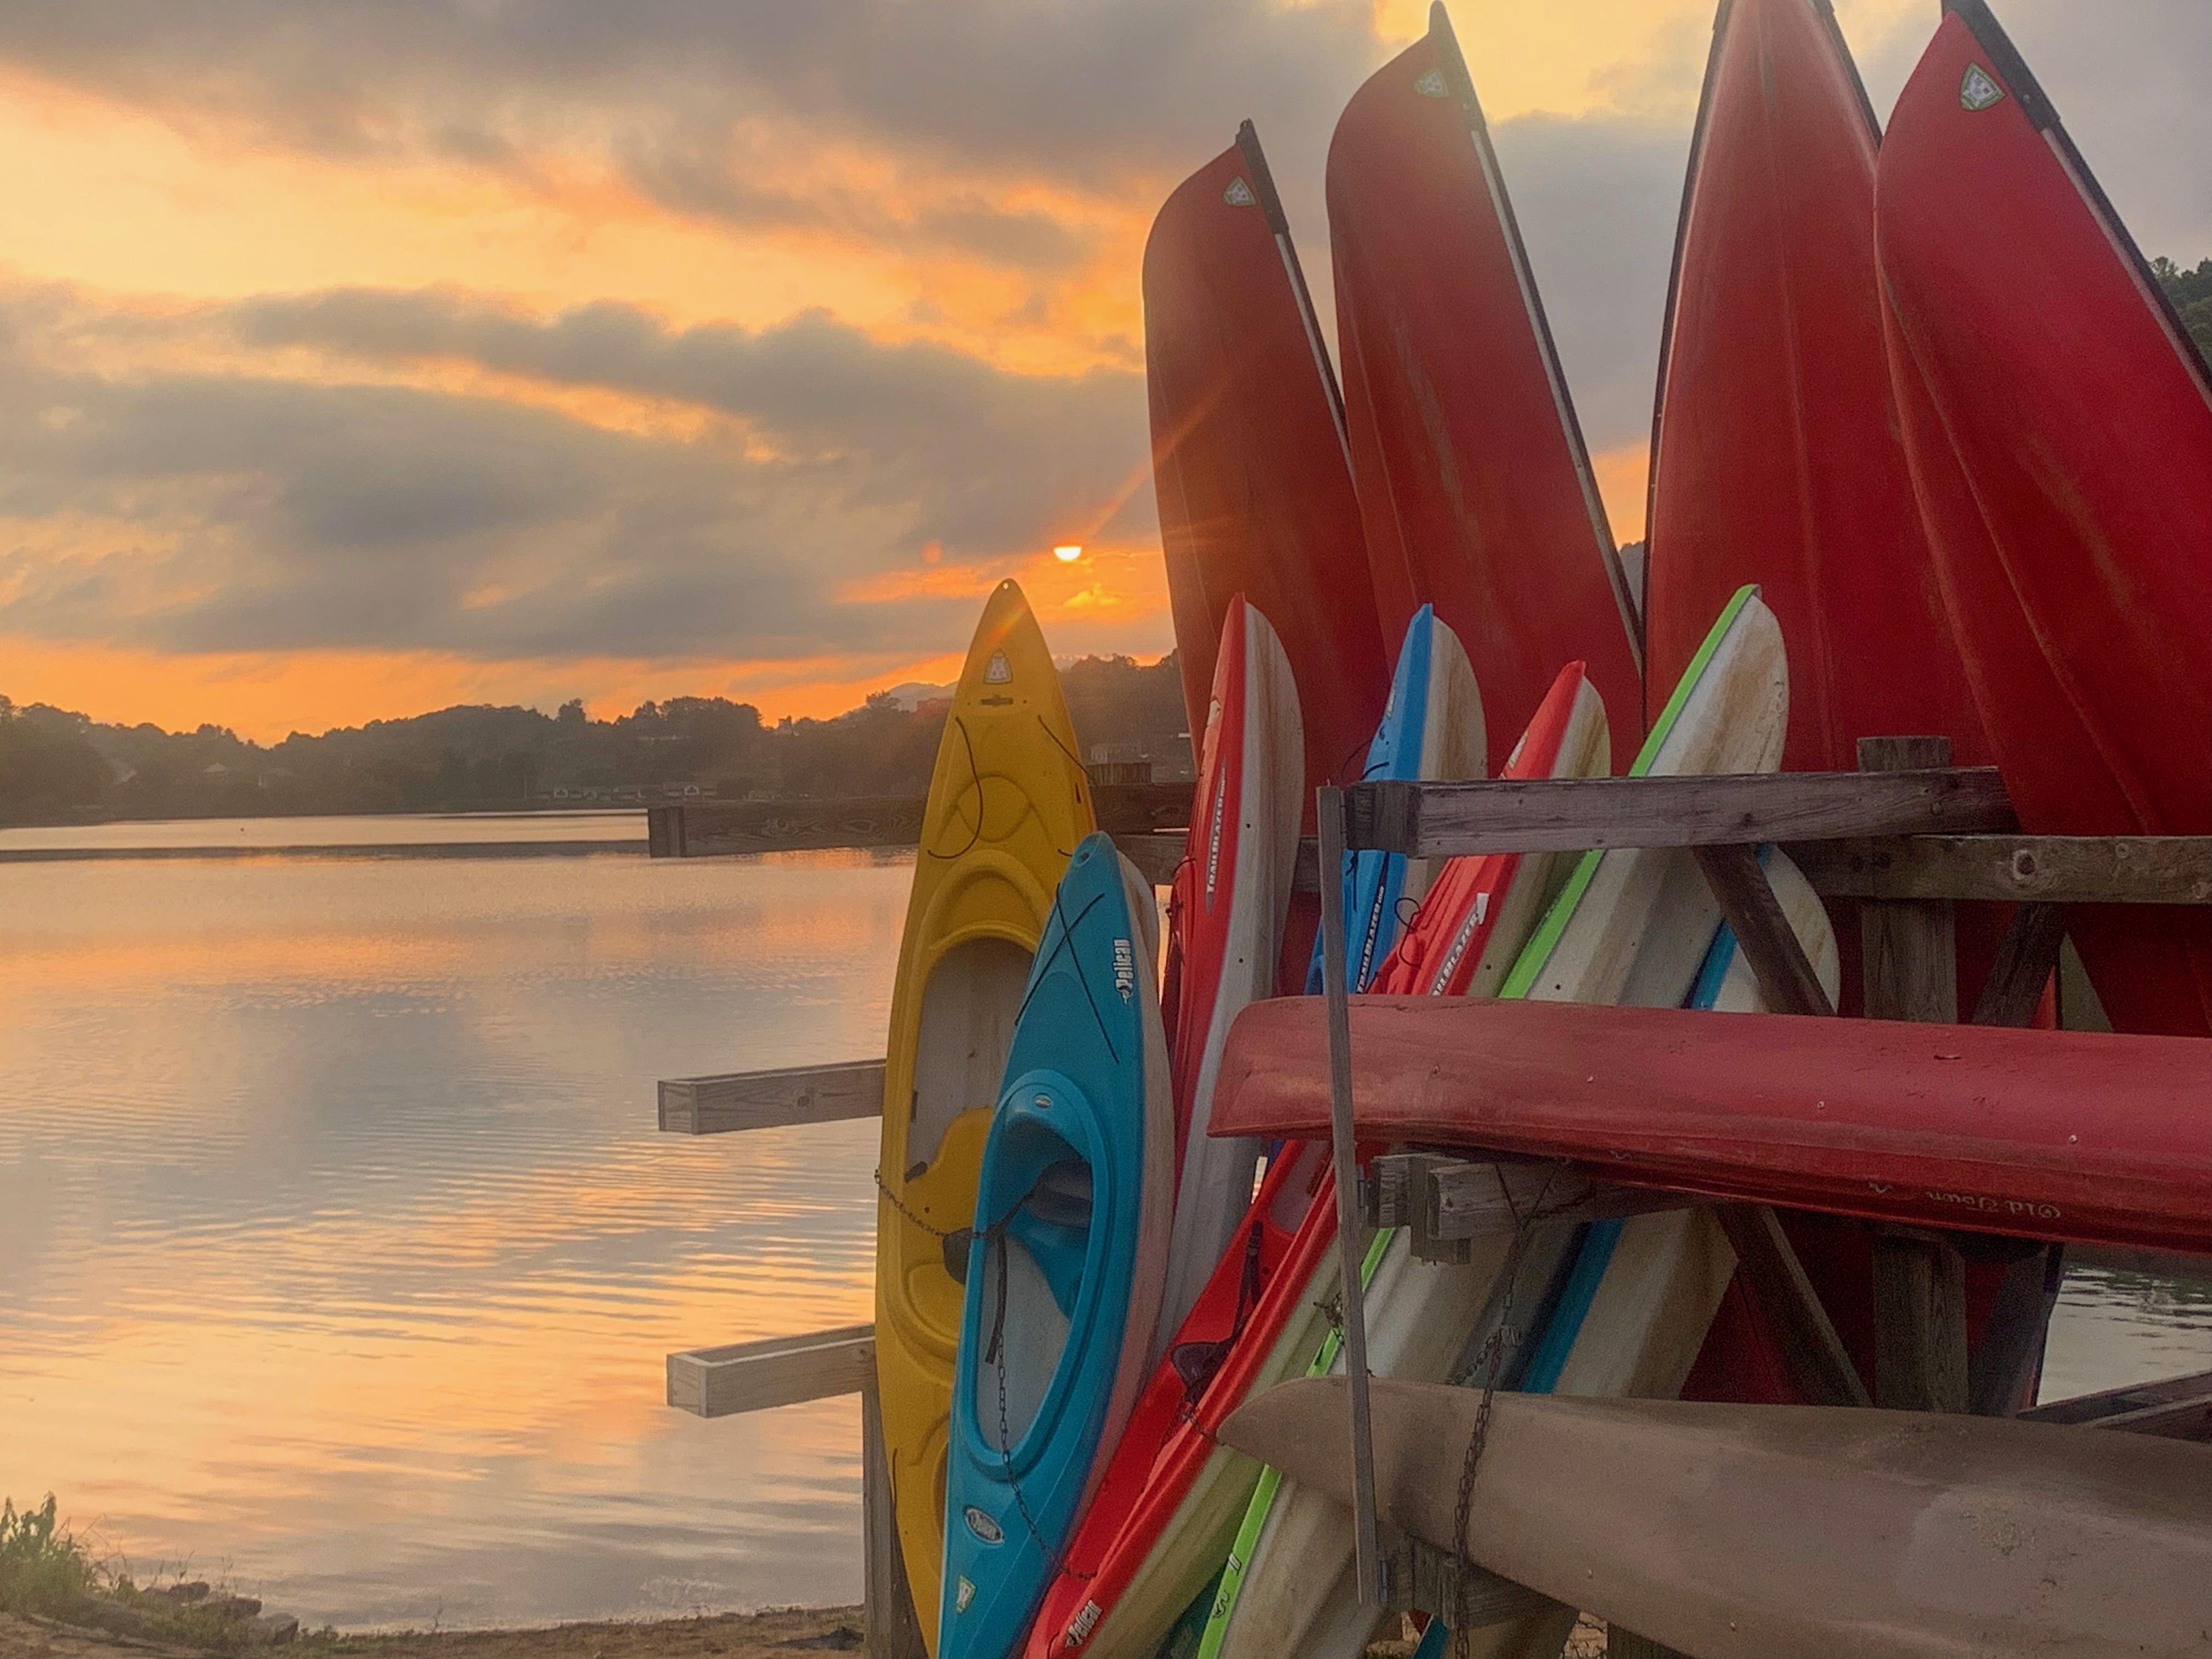 Lake Junaluska Boat Rentals